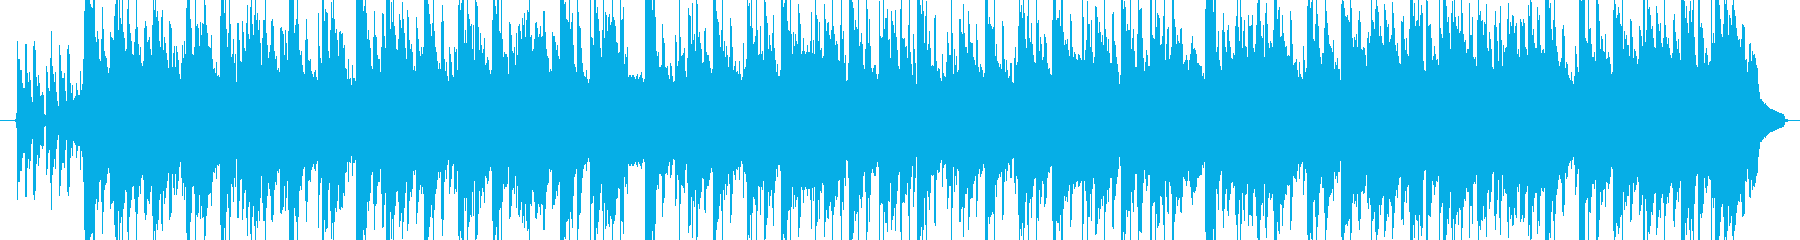 代替案 ポップ トラップ ヒップホ...の再生済みの波形